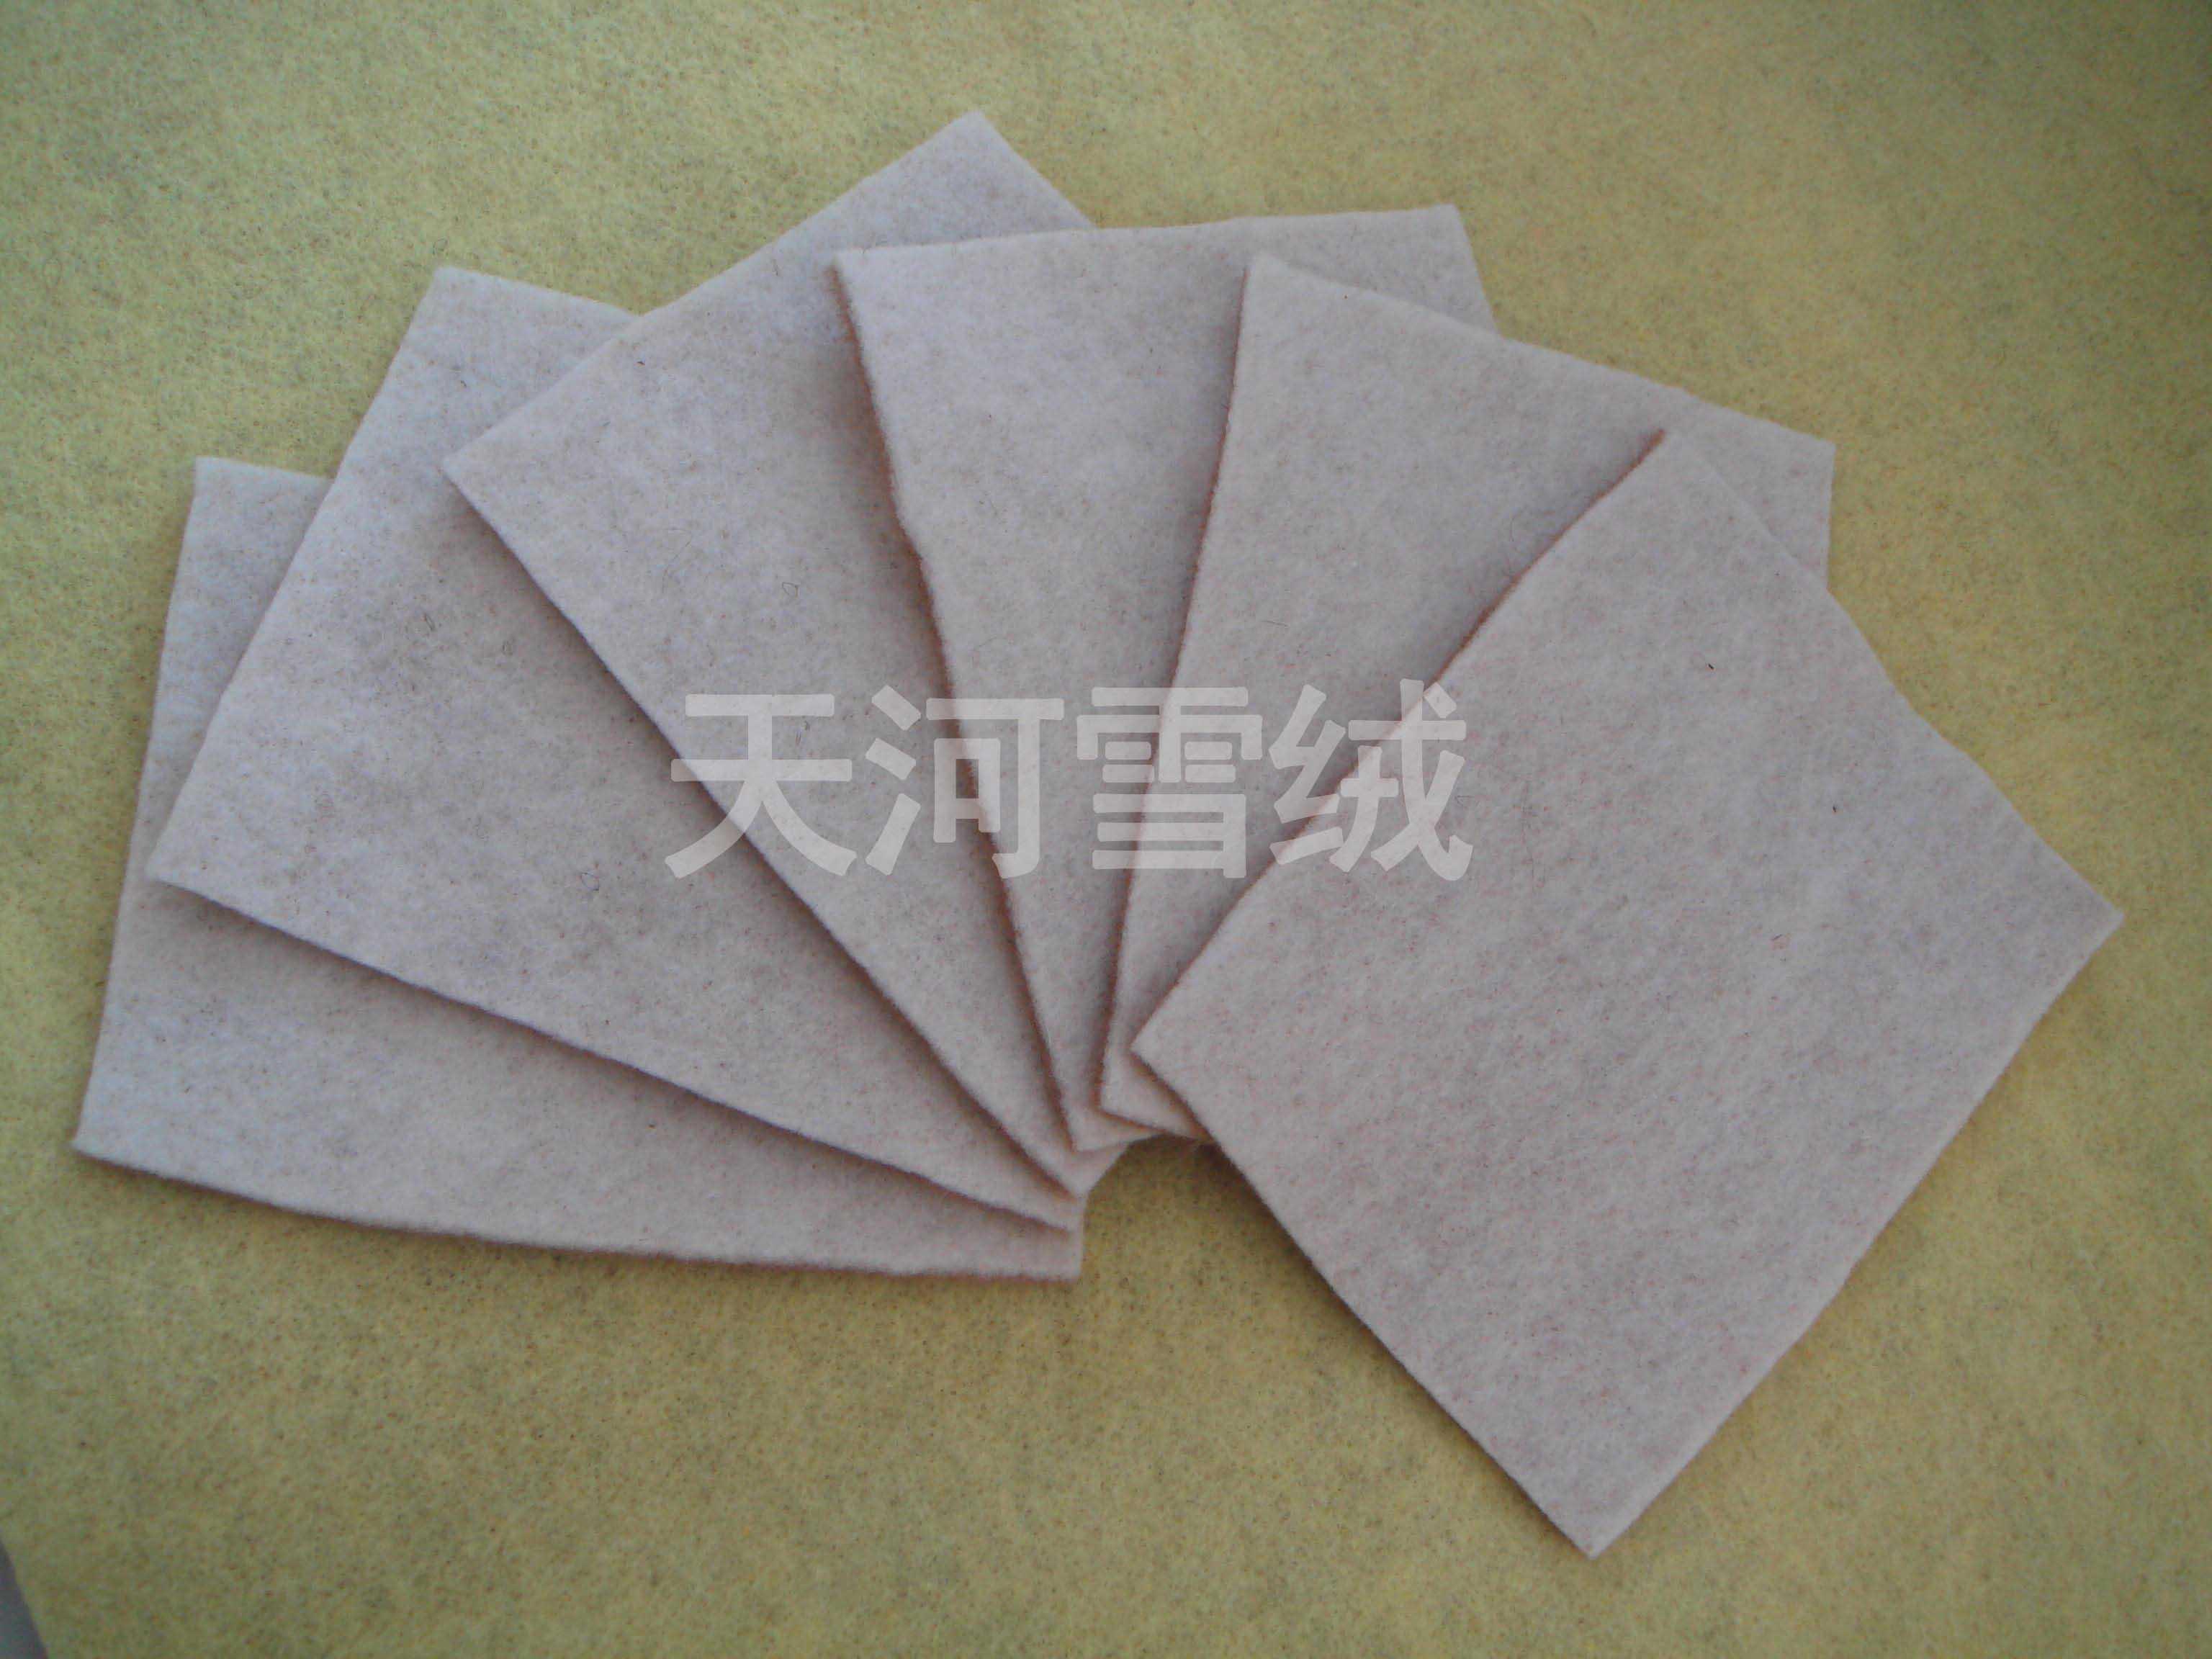 天河绒毛制品公司提供品牌好的羊绒絮片十大品牌产品-羊绒絮片供货厂家